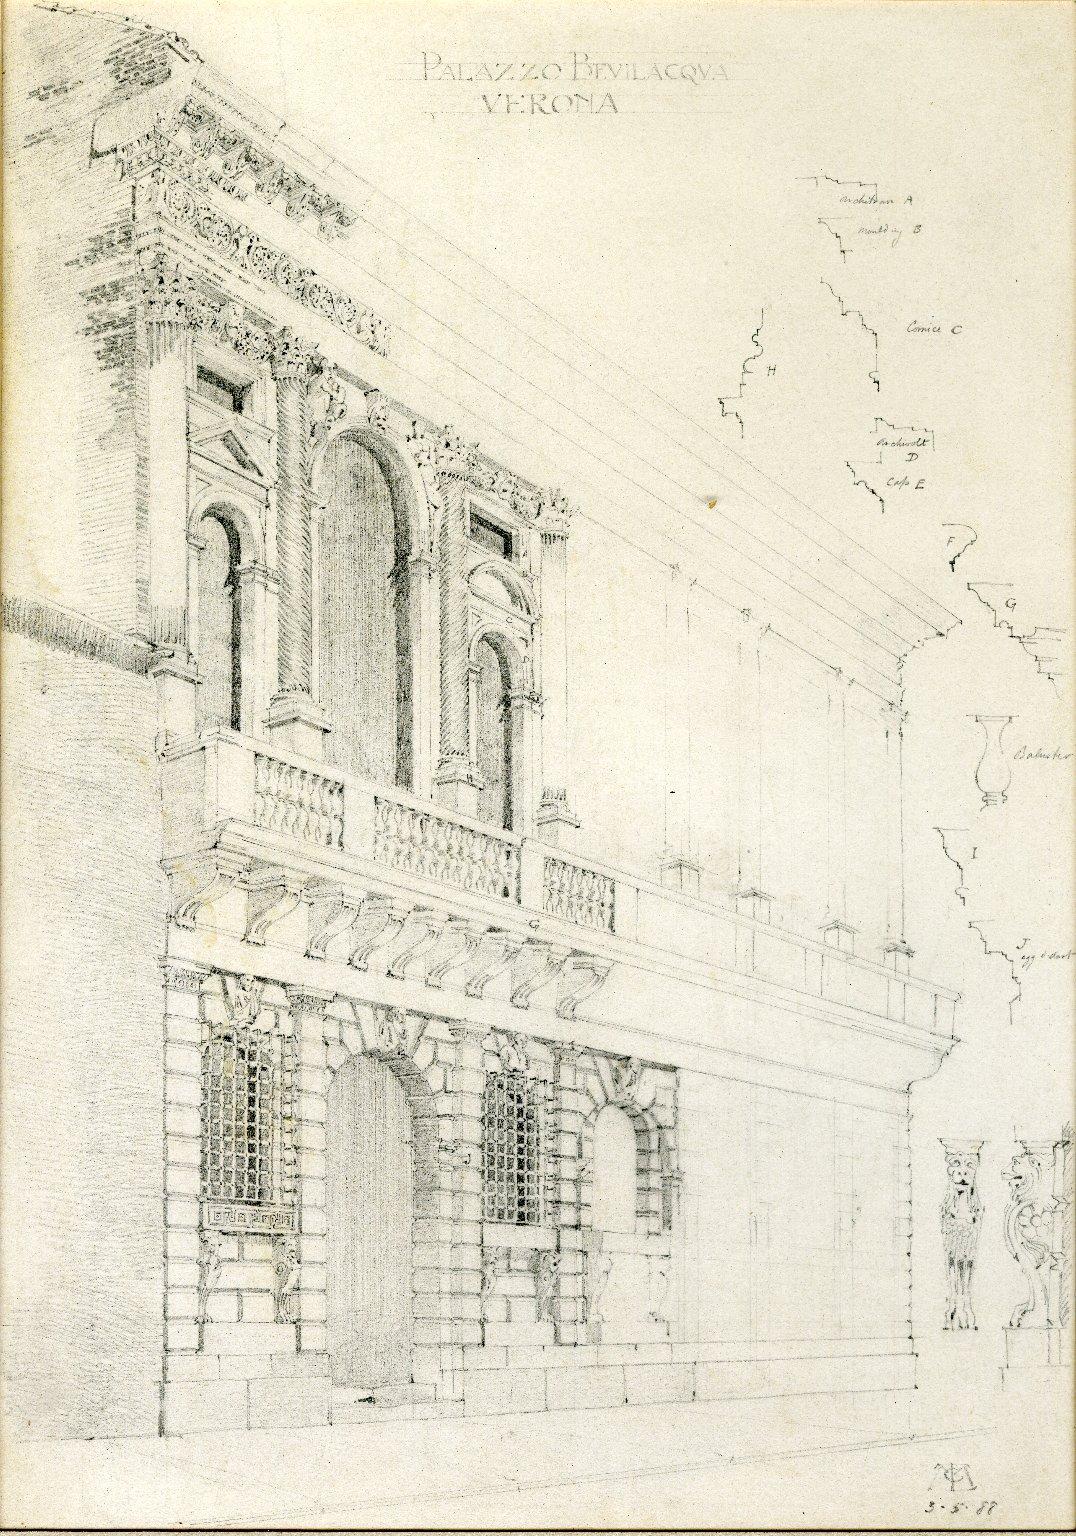 Exterior of Palazzo Bevilacqua